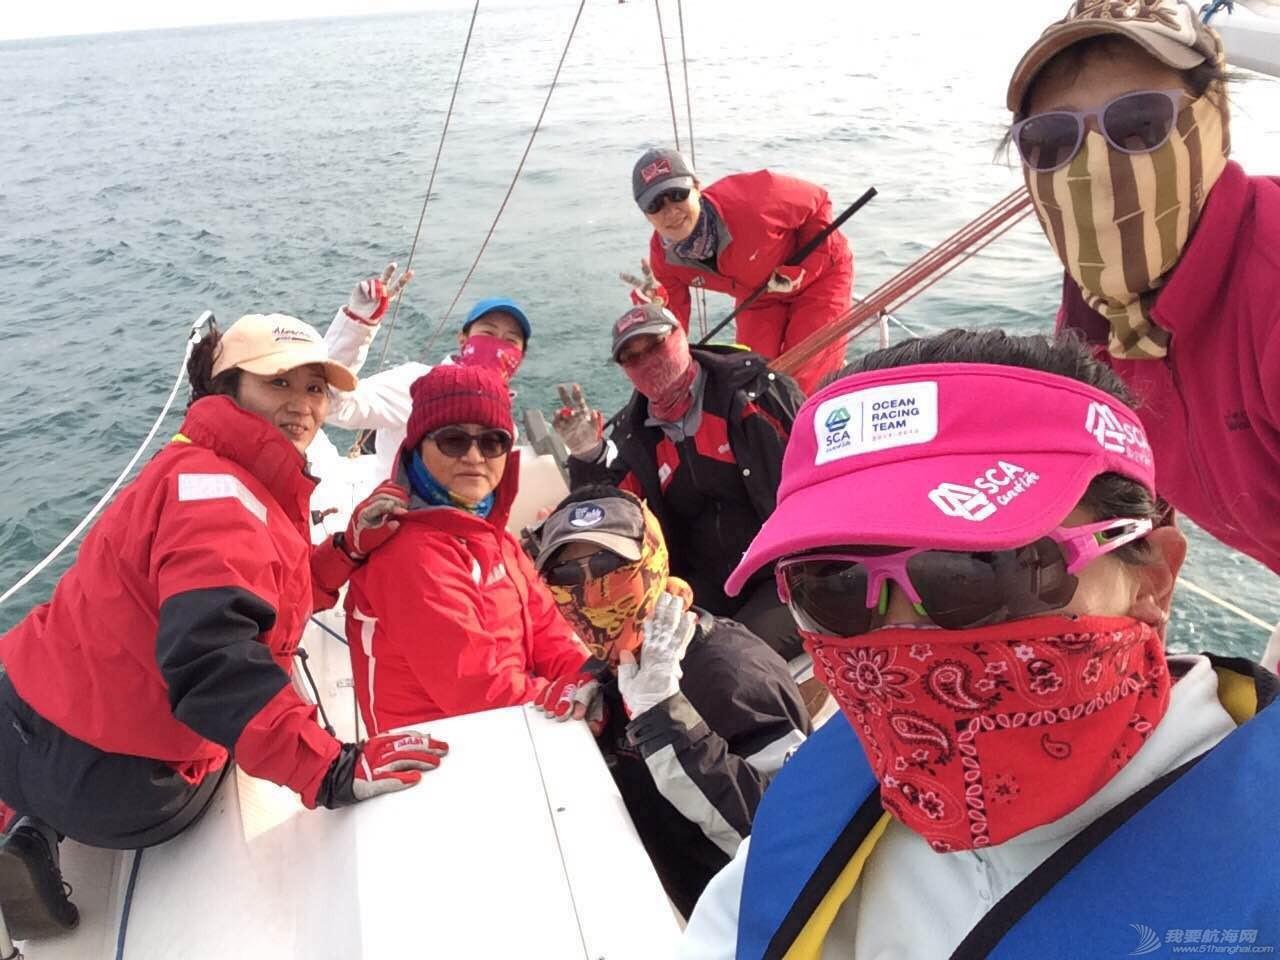 风景线,中国,青岛,帆船,照片 【20150417期:青帆协女子帆船队】 IMG_8123.JPG